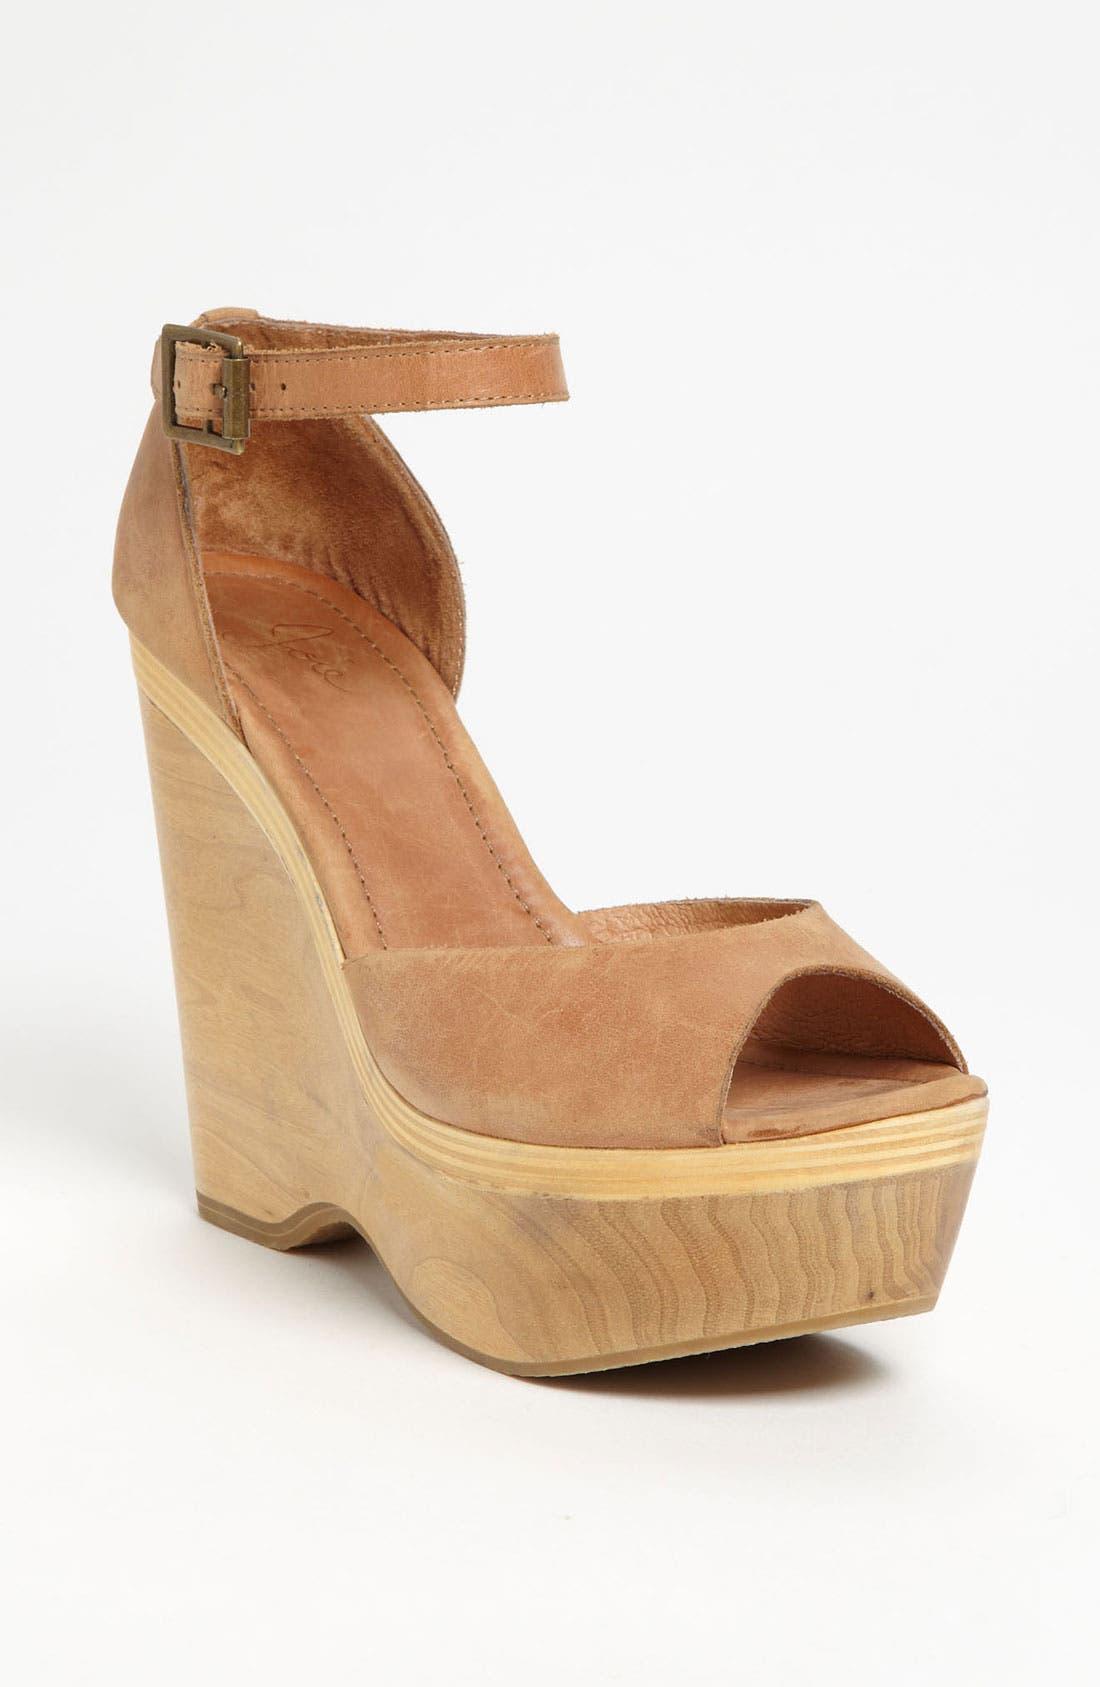 Alternate Image 1 Selected - Joie 'Blair' Wedge Sandal